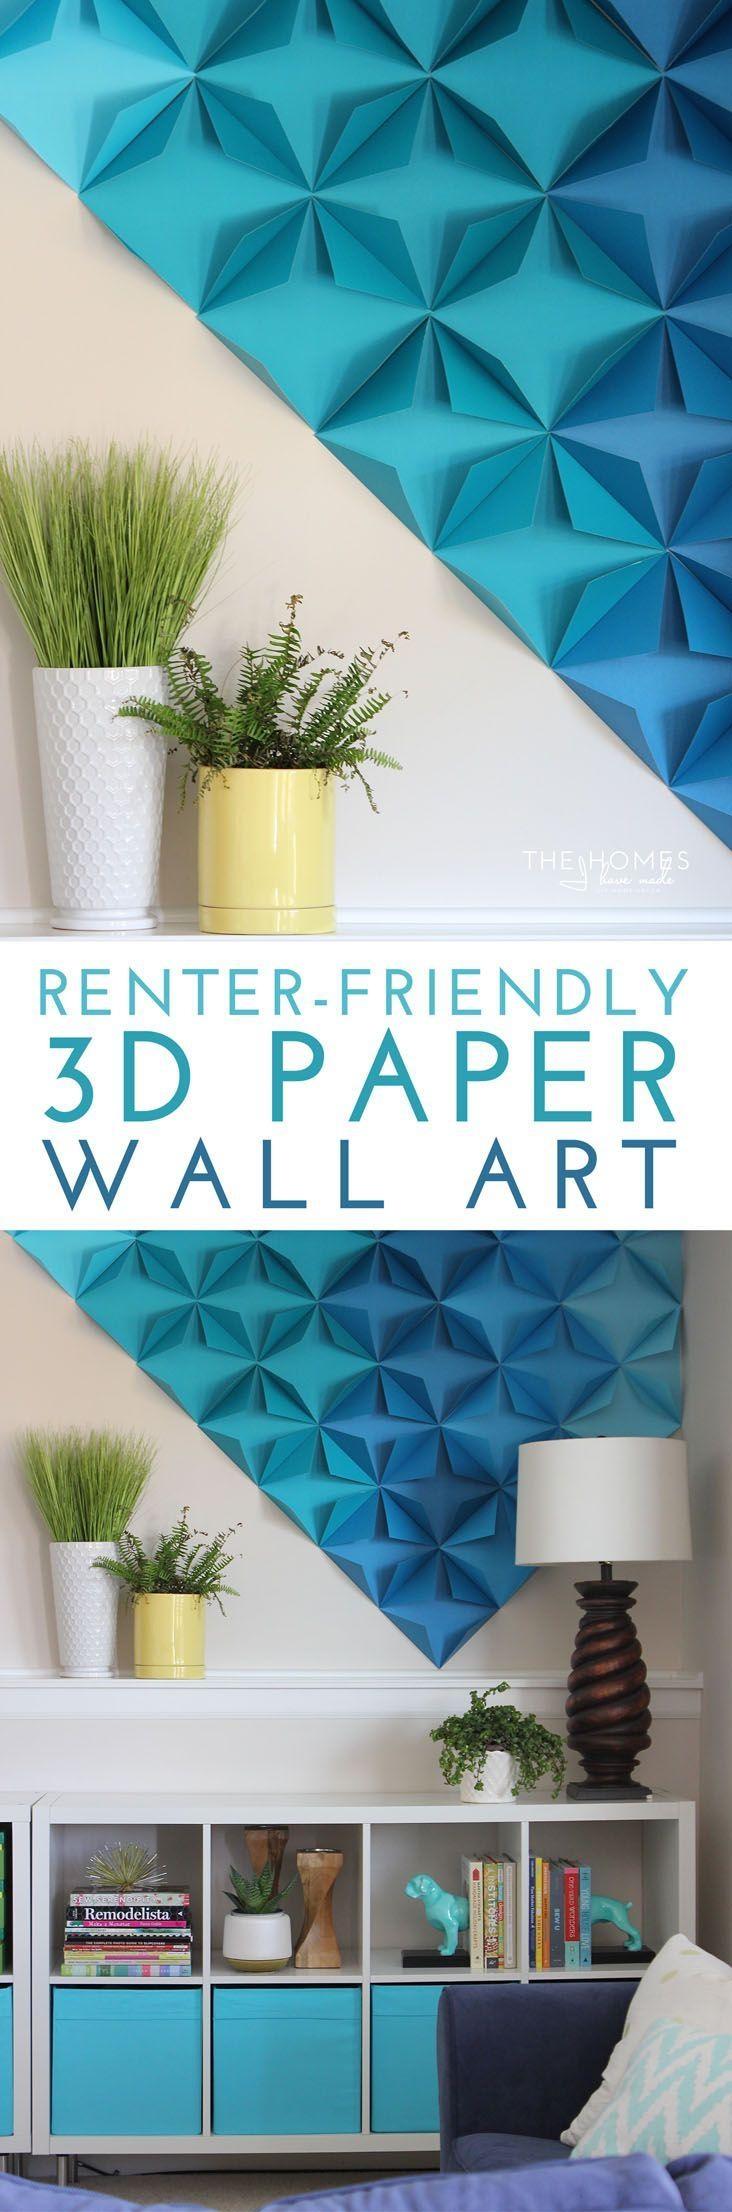 Best 25+ 3D Wall Art Ideas On Pinterest | Paper Wall Art, Paper Throughout 3D Paper Wall Art (View 15 of 20)